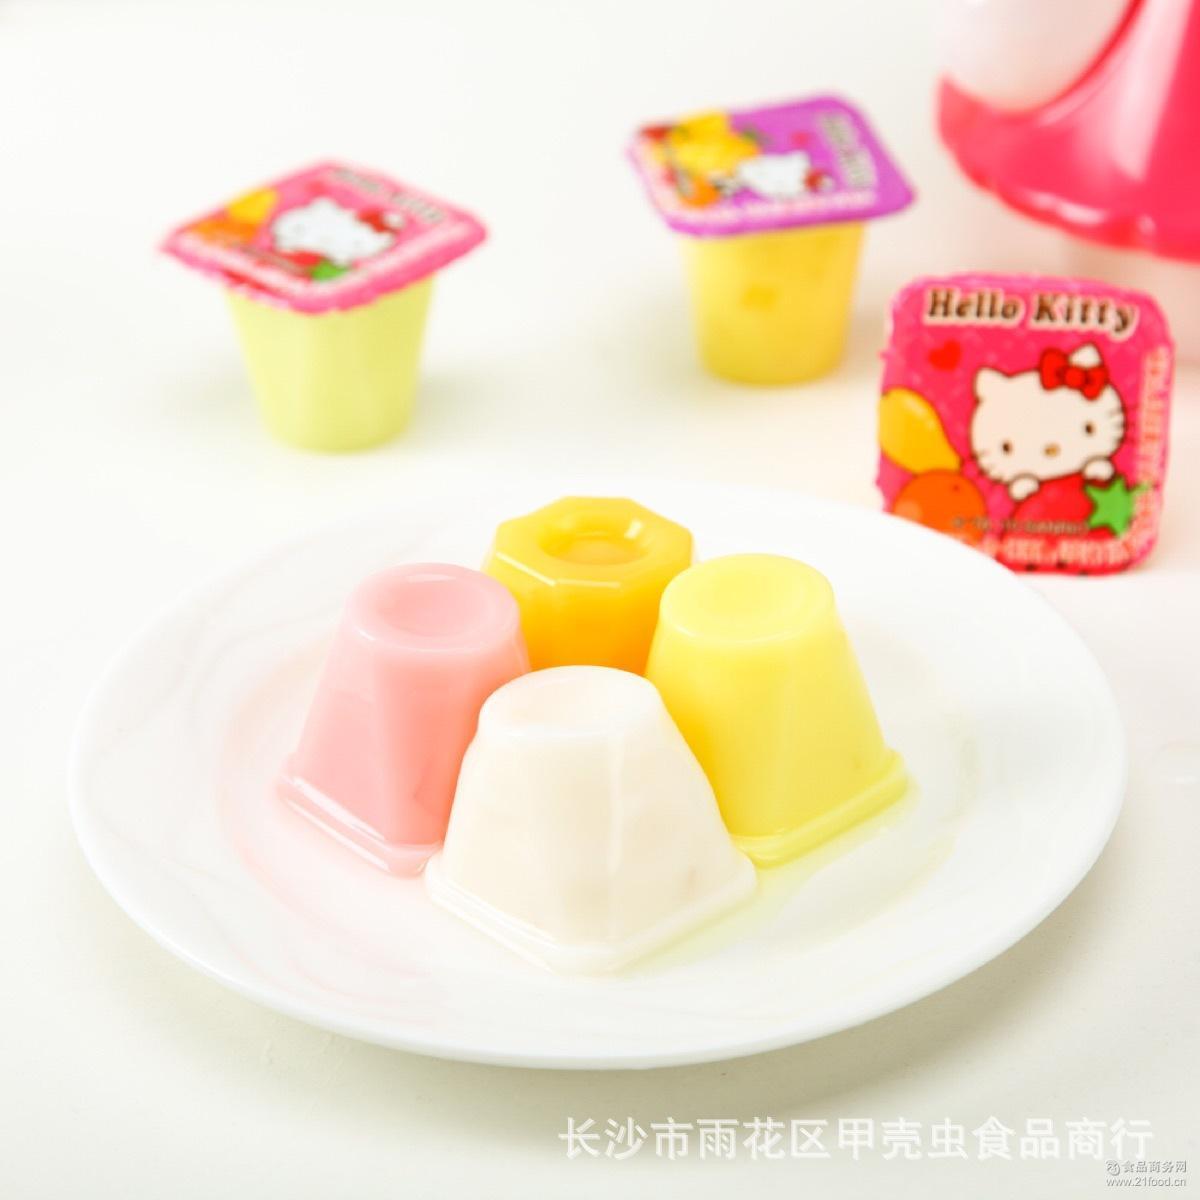 1*6桶/箱 休闲零食 儿童玩具 润谷 Hellokitty什锦果味果冻350克